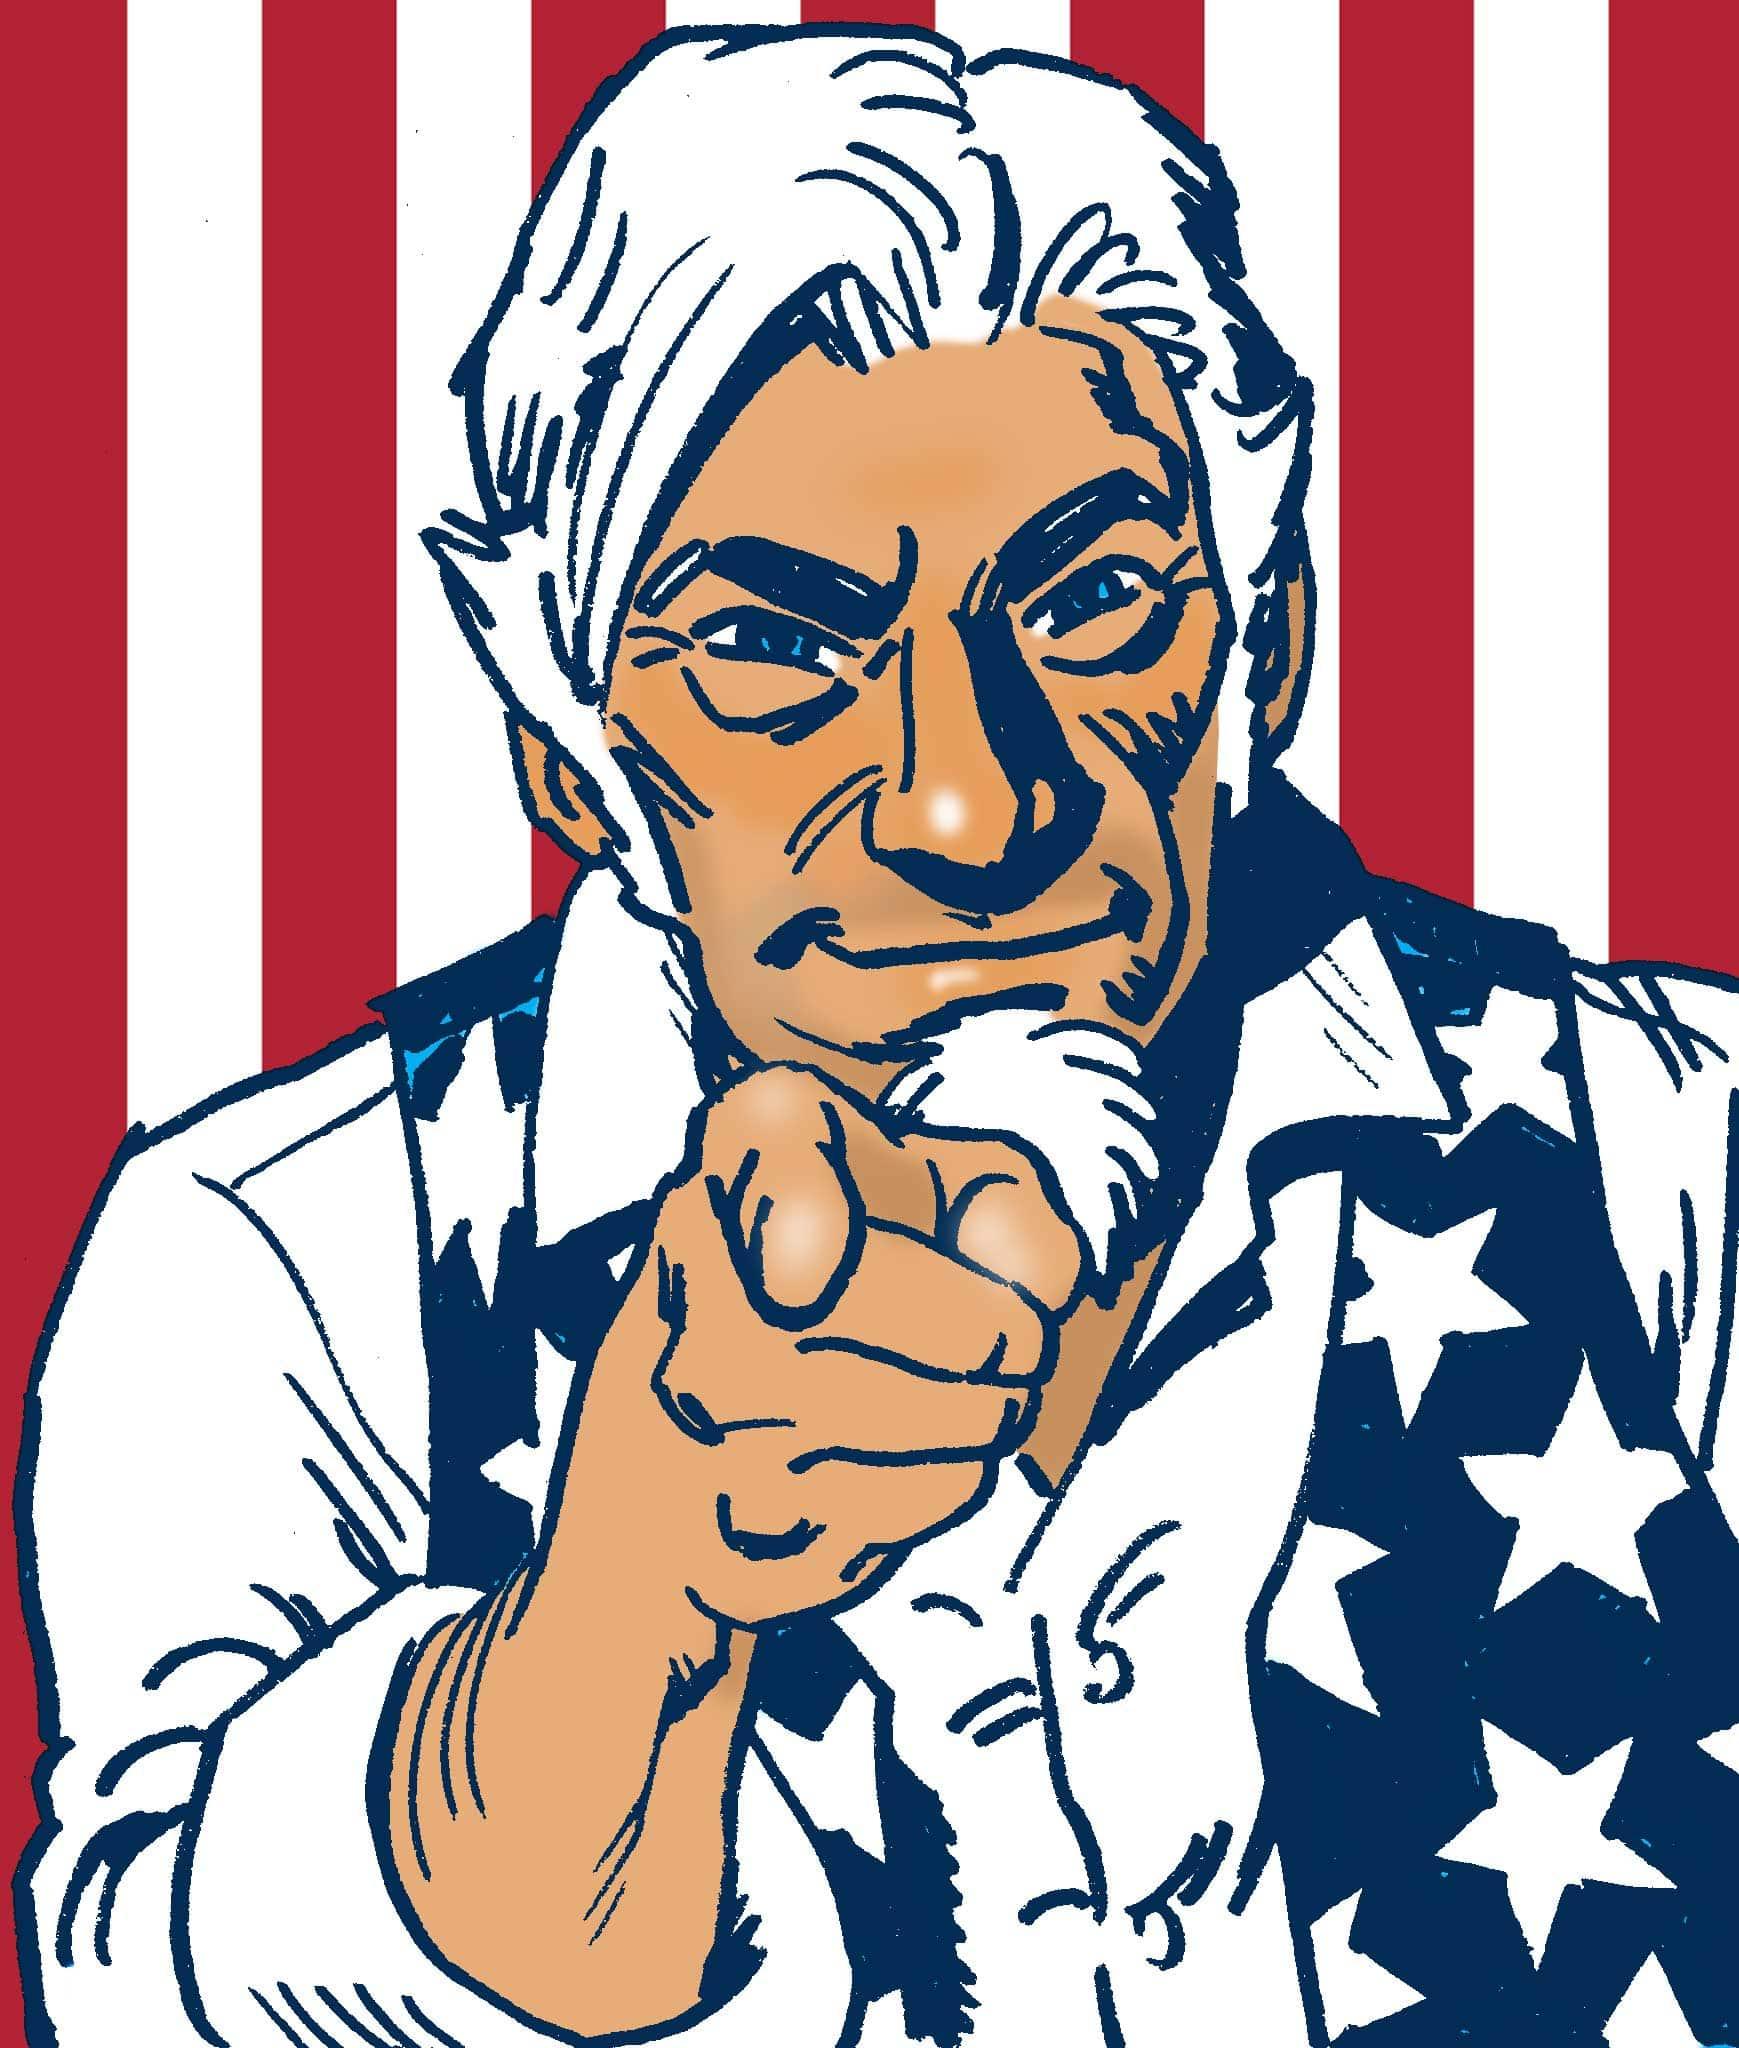 KH3138B-uncle-sam-wants-you